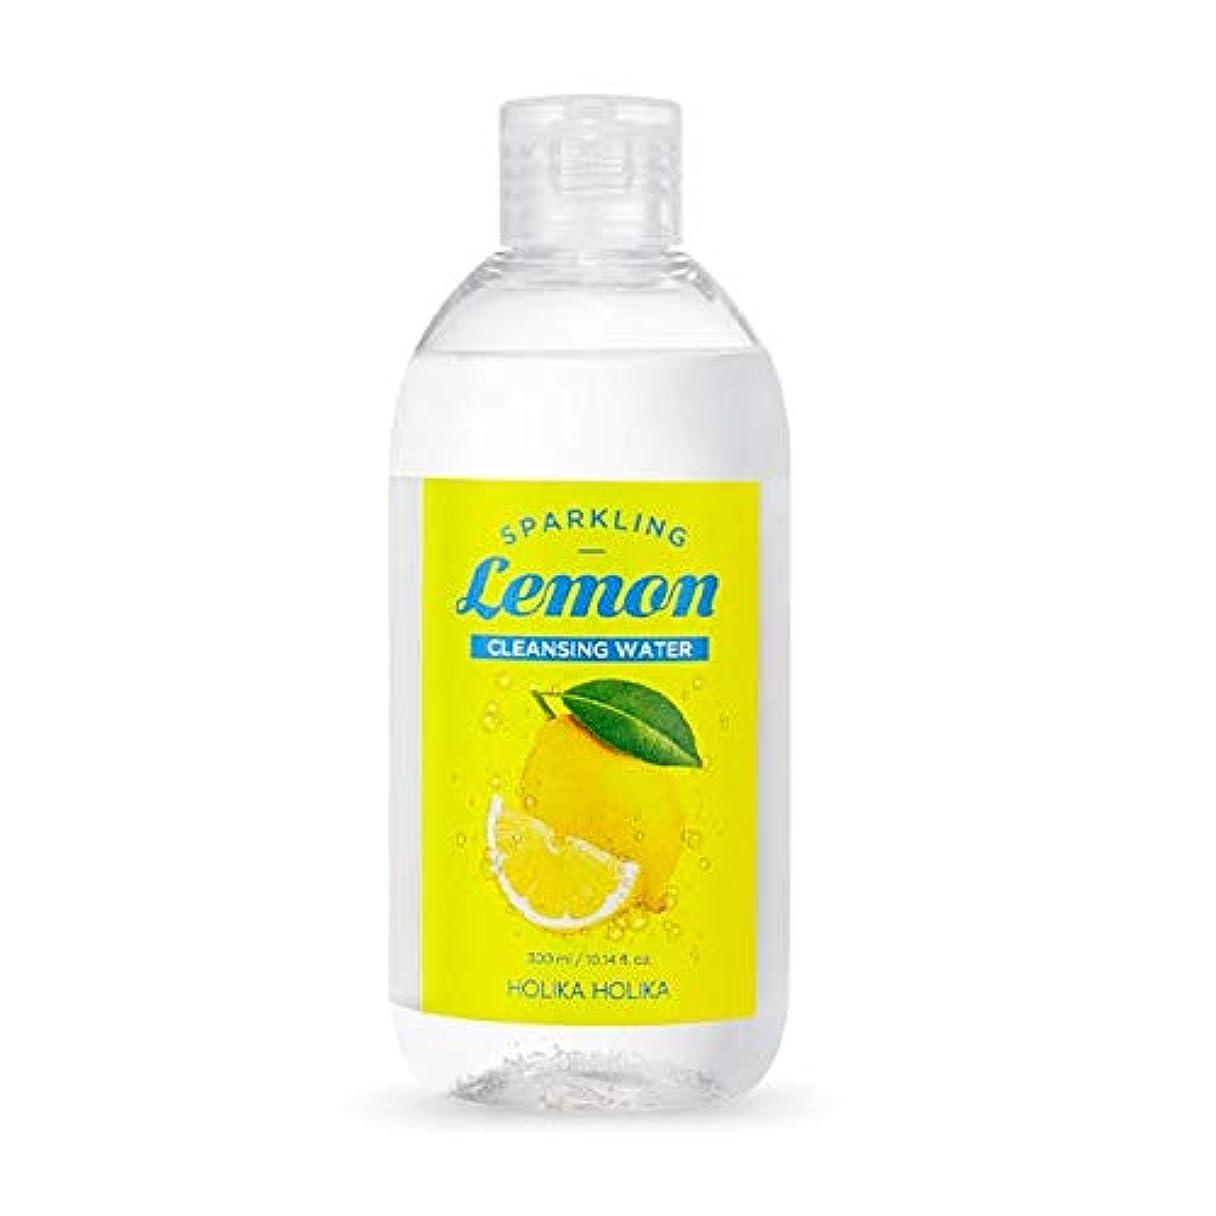 航空便過ち吸収するホリカホリカ 炭酸レモンクレンジングウォーター 300ml / Holika Holika Sparkling Lemon Cleansing Water 300ml [並行輸入品]